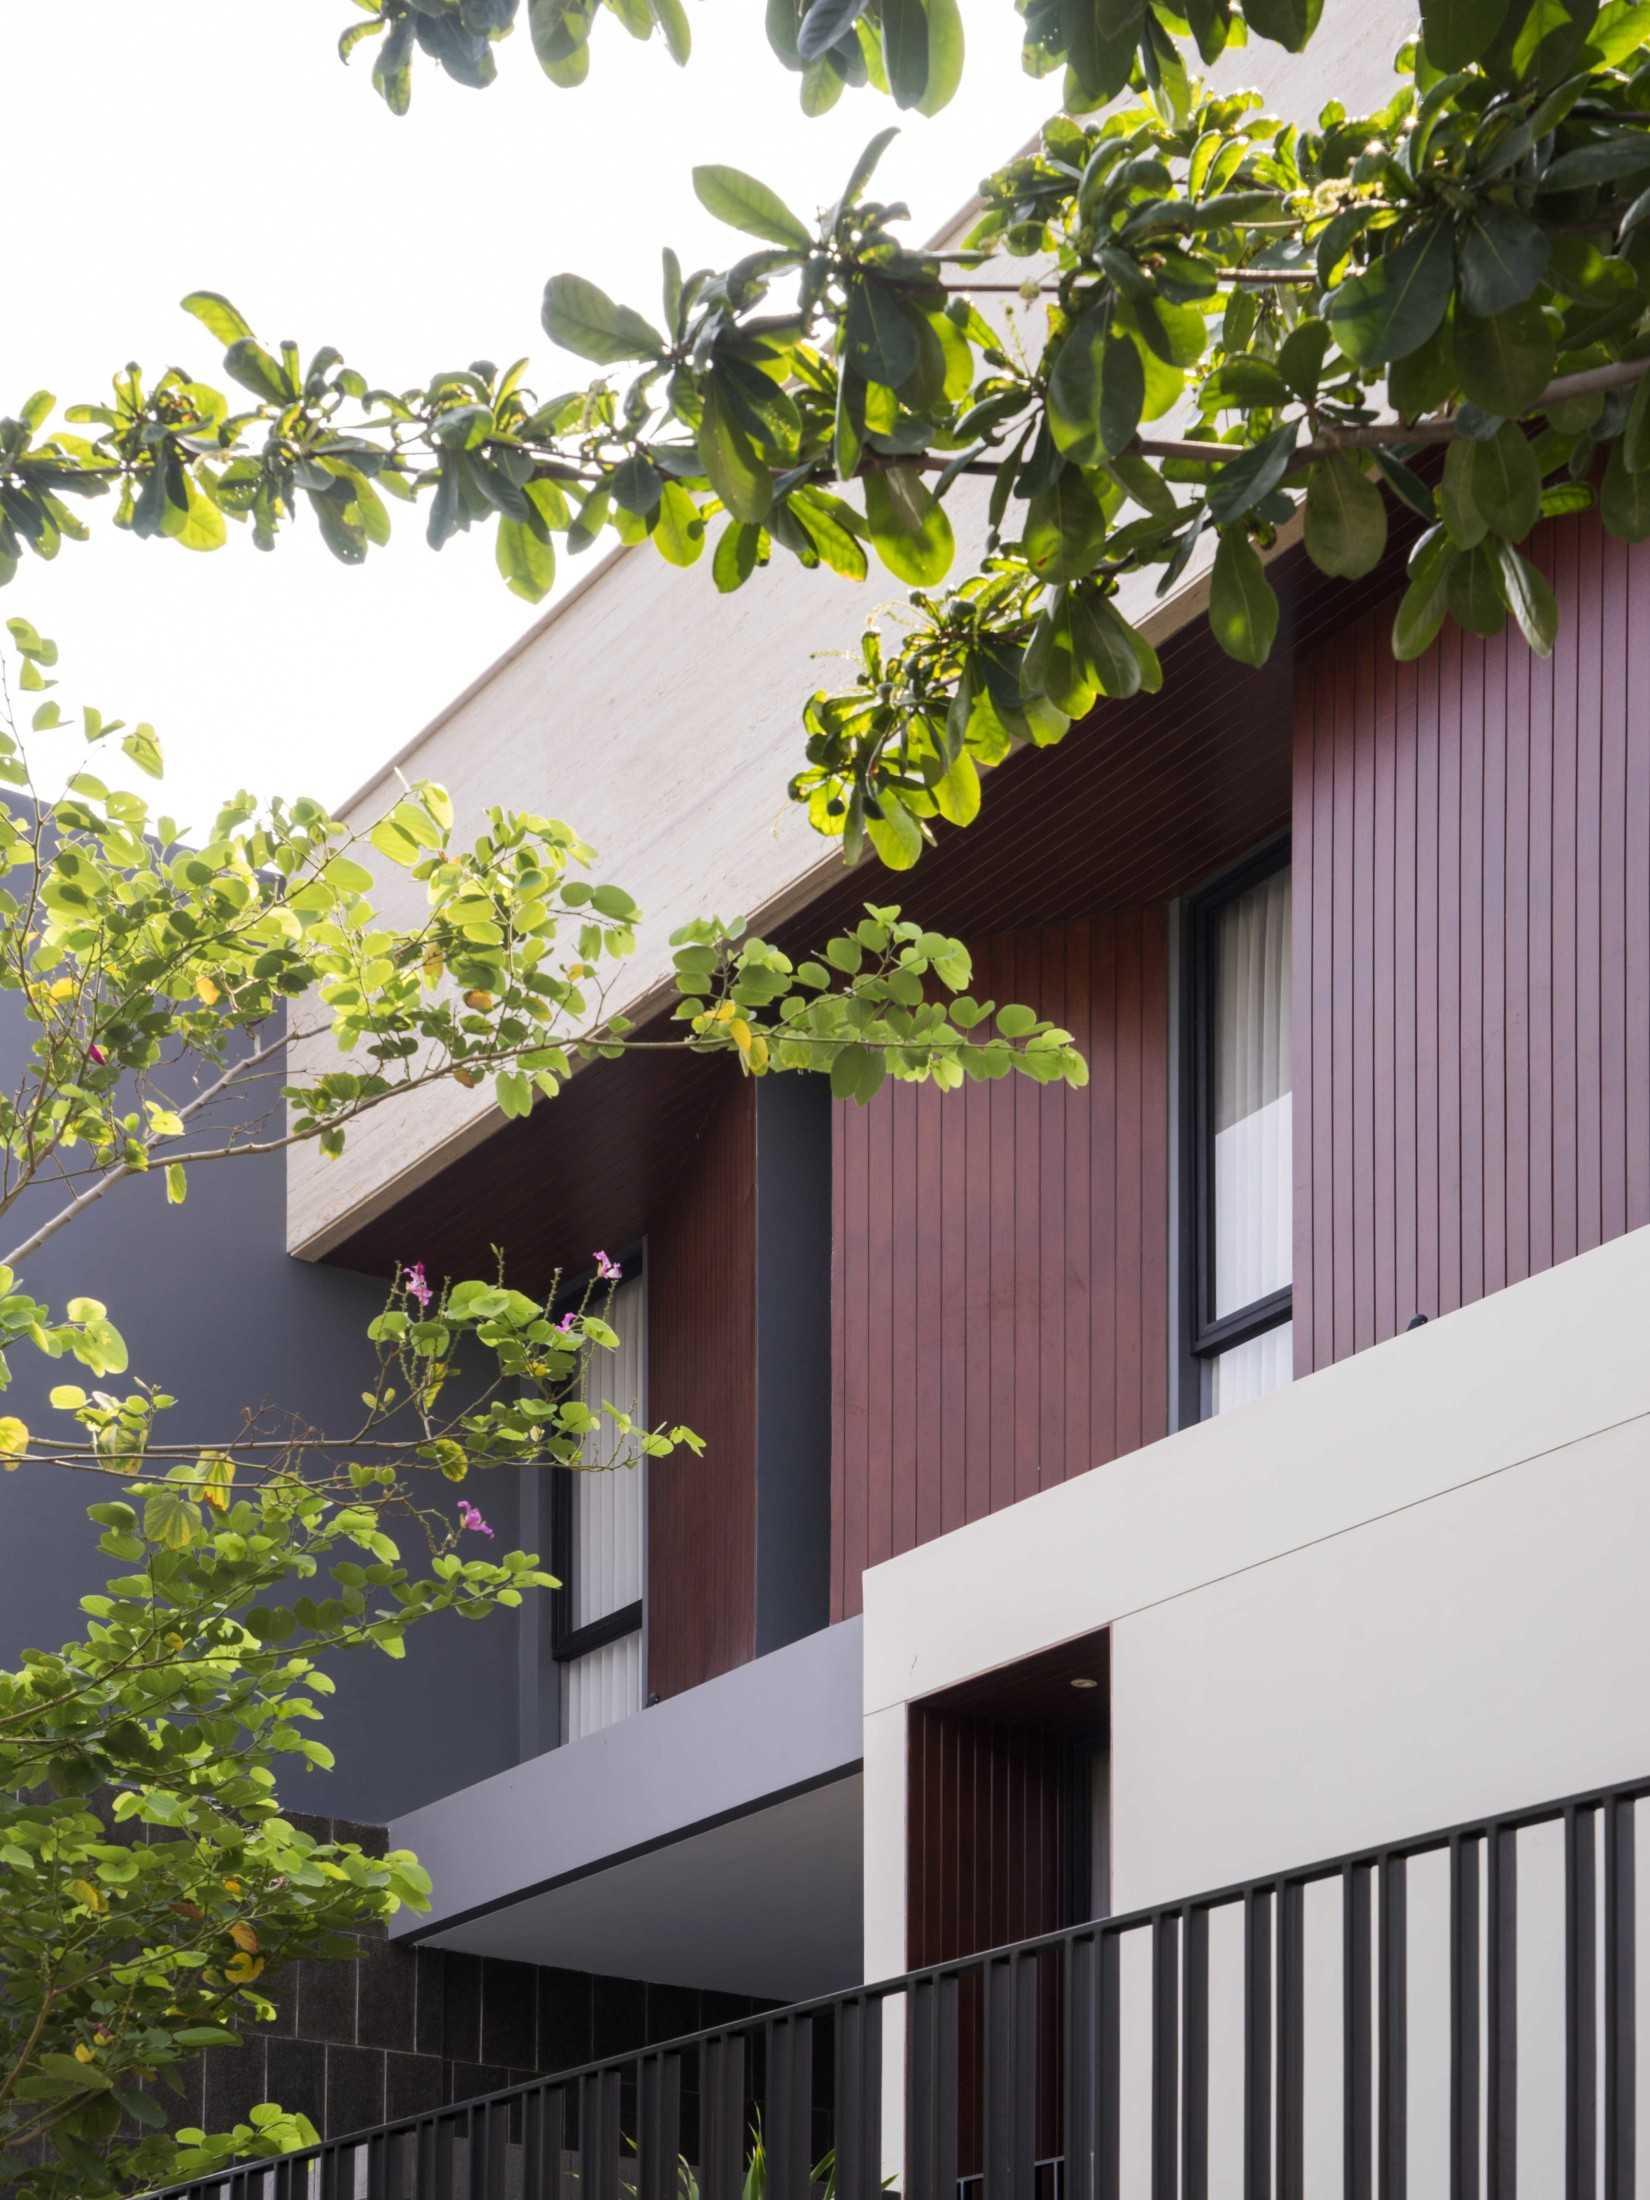 Rendic Ho Hn House Surabaya, Kota Sby, Jawa Timur, Indonesia Surabaya, Kota Sby, Jawa Timur, Indonesia Rendic-Ho-Hn-House  106278